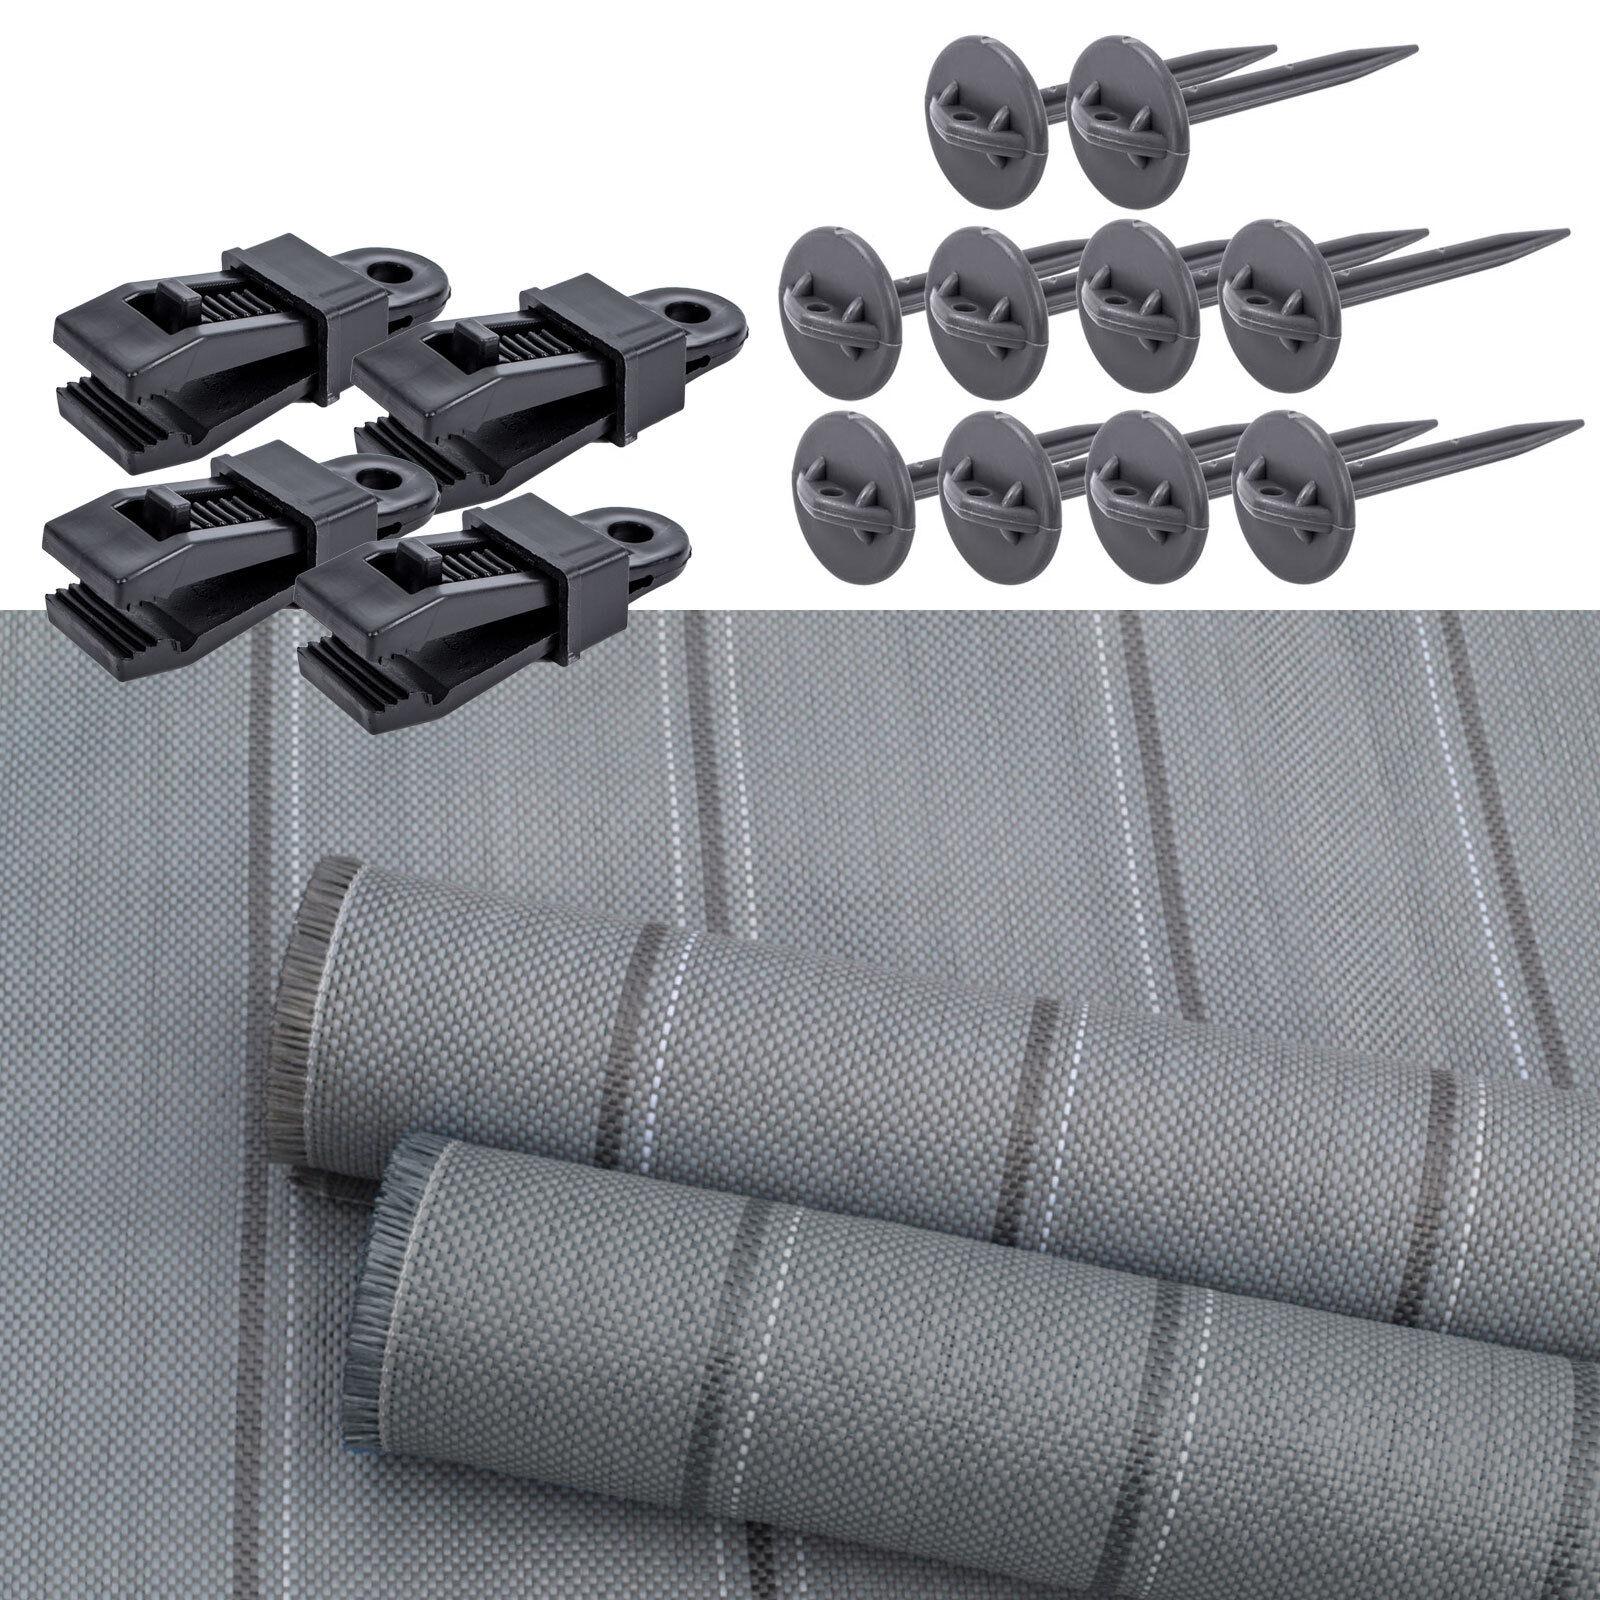 Arisol Vorzeltteppich Set 250x400 grey + Teppichclips + Heringe für Wohnwagen